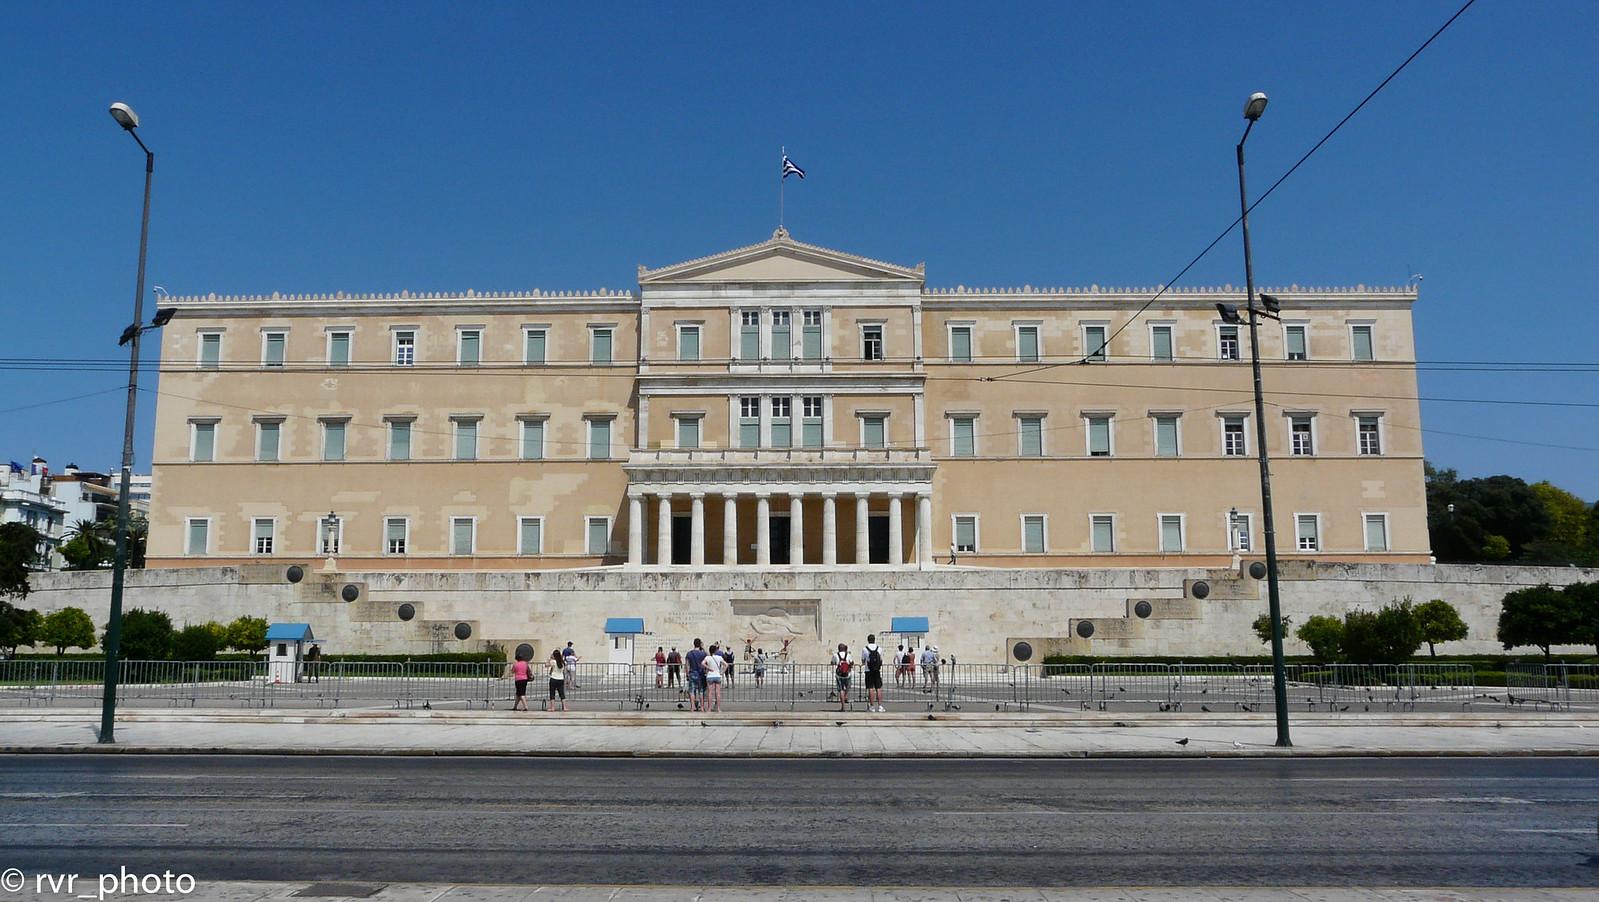 Vouli ton Ellinon - Plaza Syntagma, Atenas